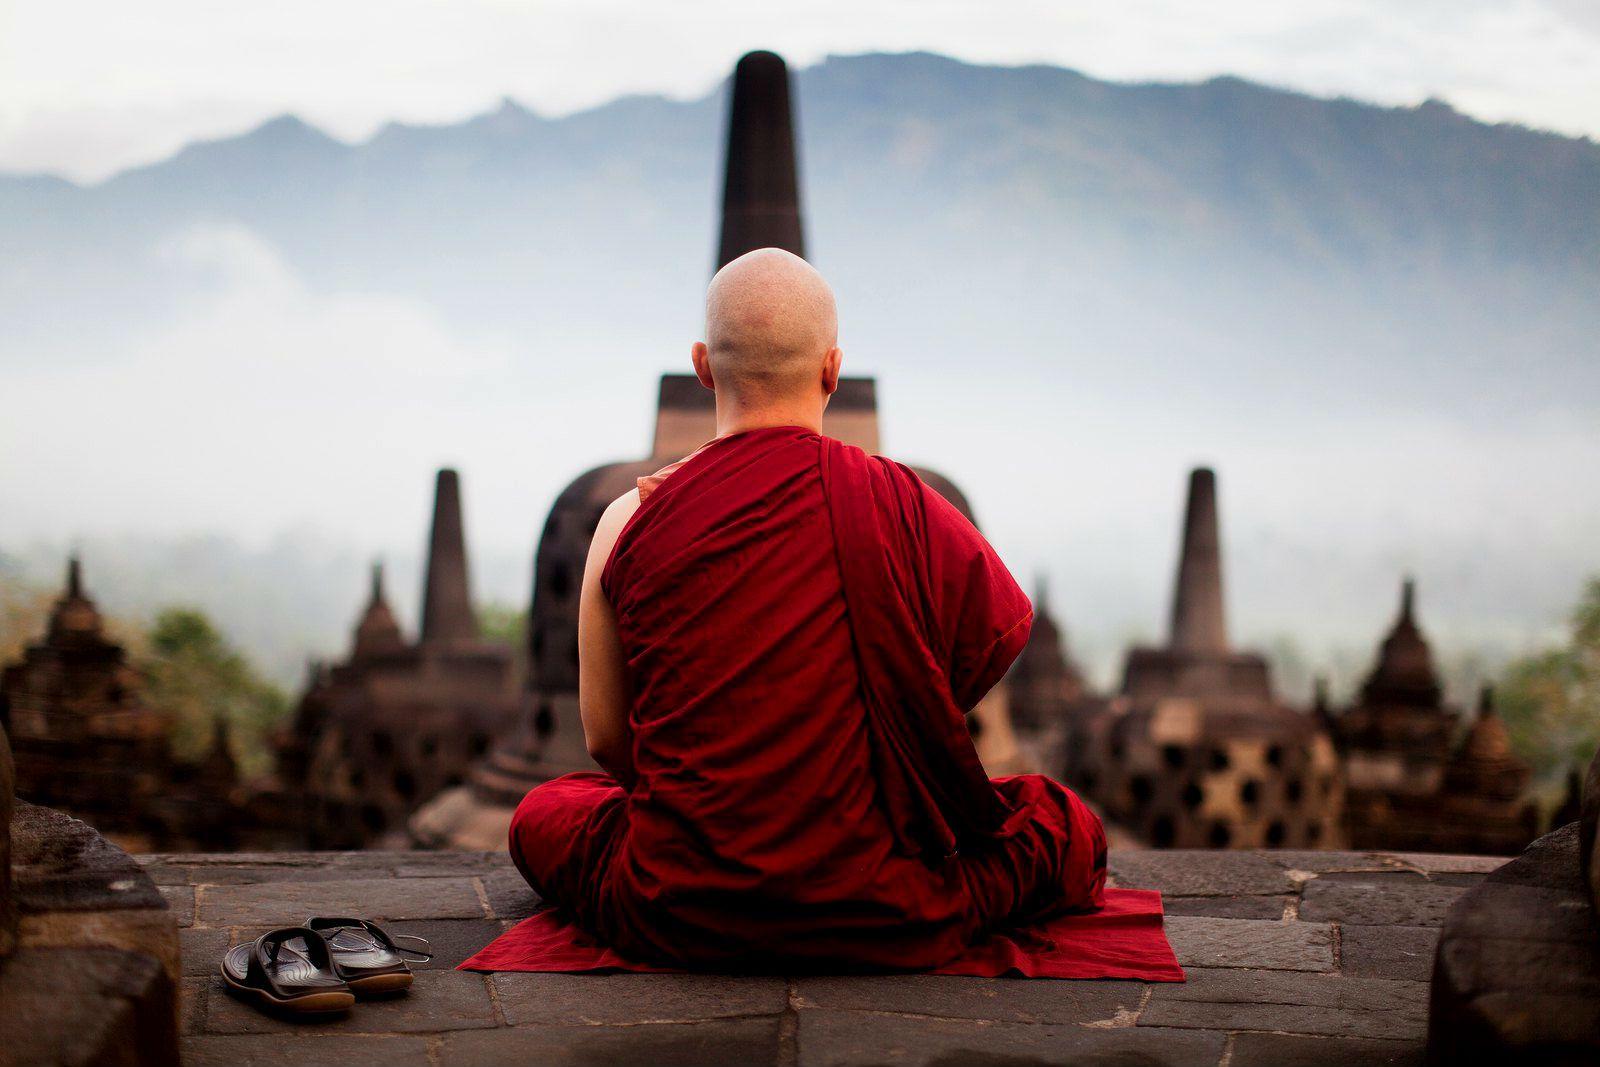 safe image 1 2 - spirituality